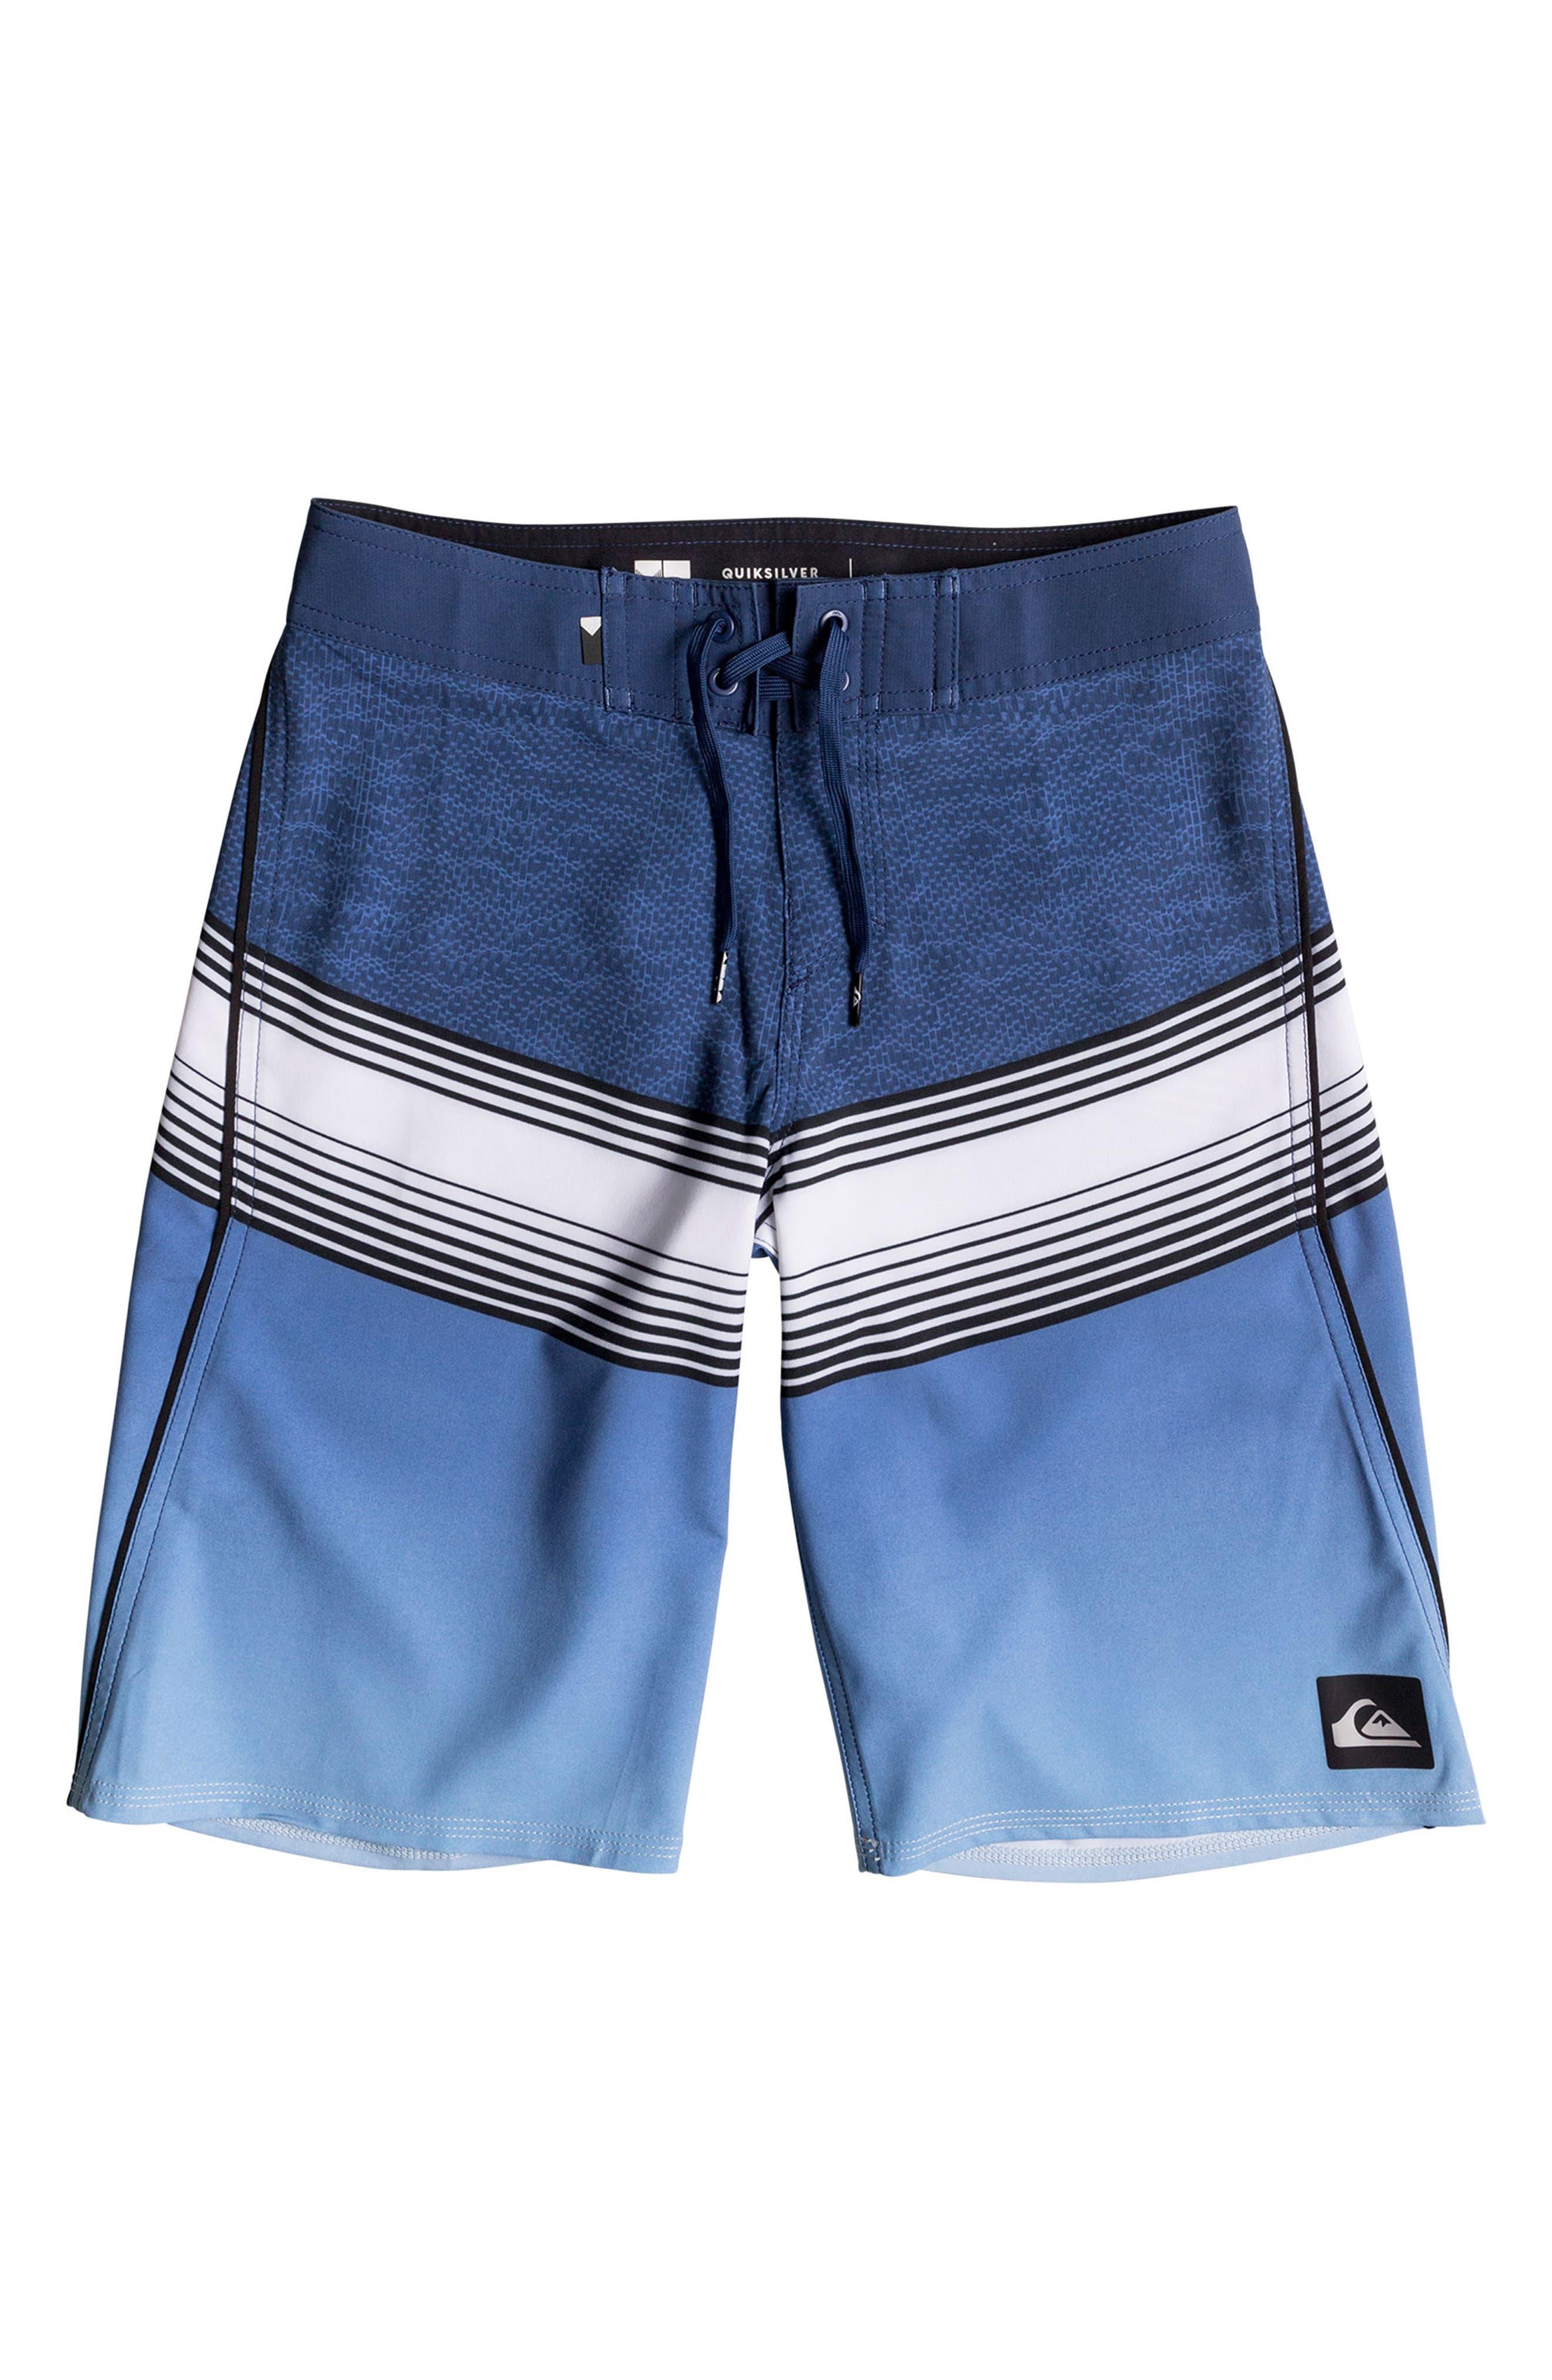 Division Fade Board Shorts,                             Main thumbnail 1, color,                             401